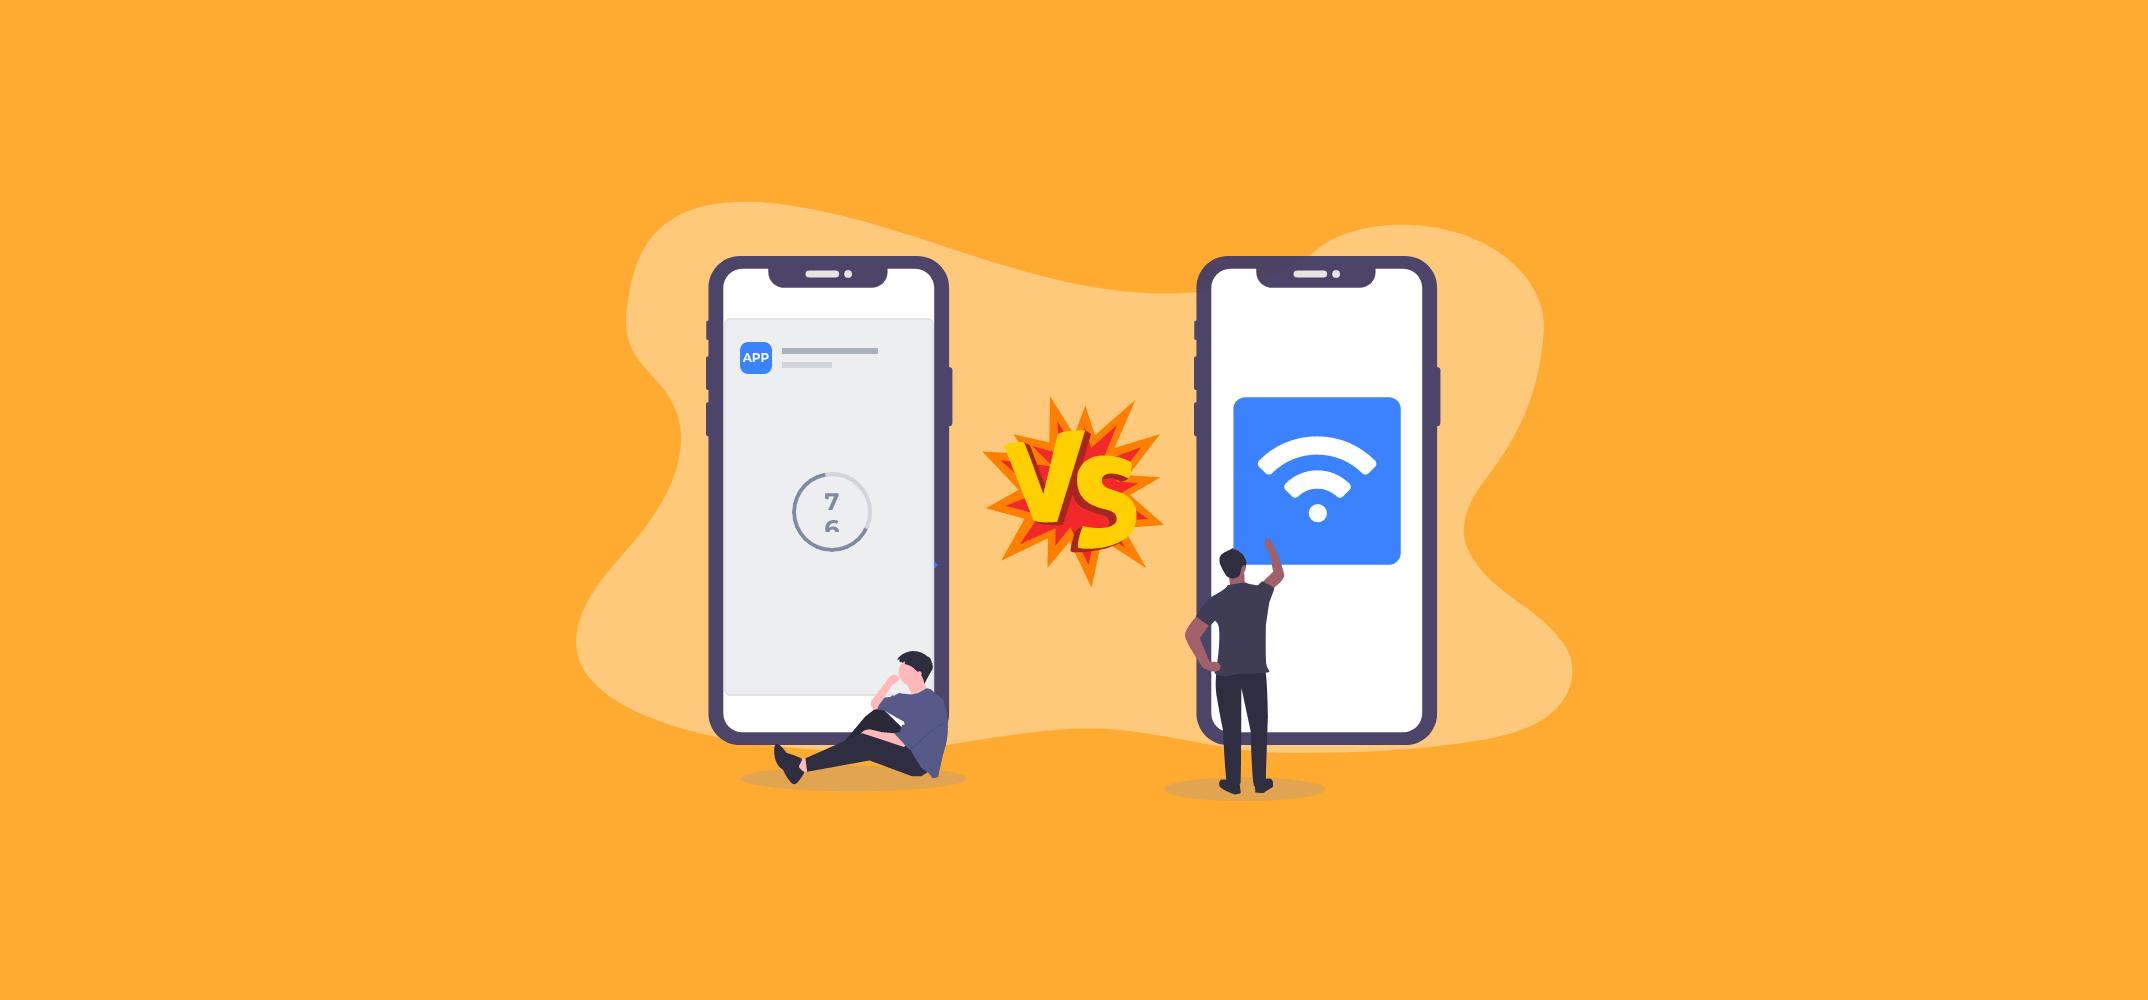 Реклама в мобильных приложениях против рекламы на Wi-Fi